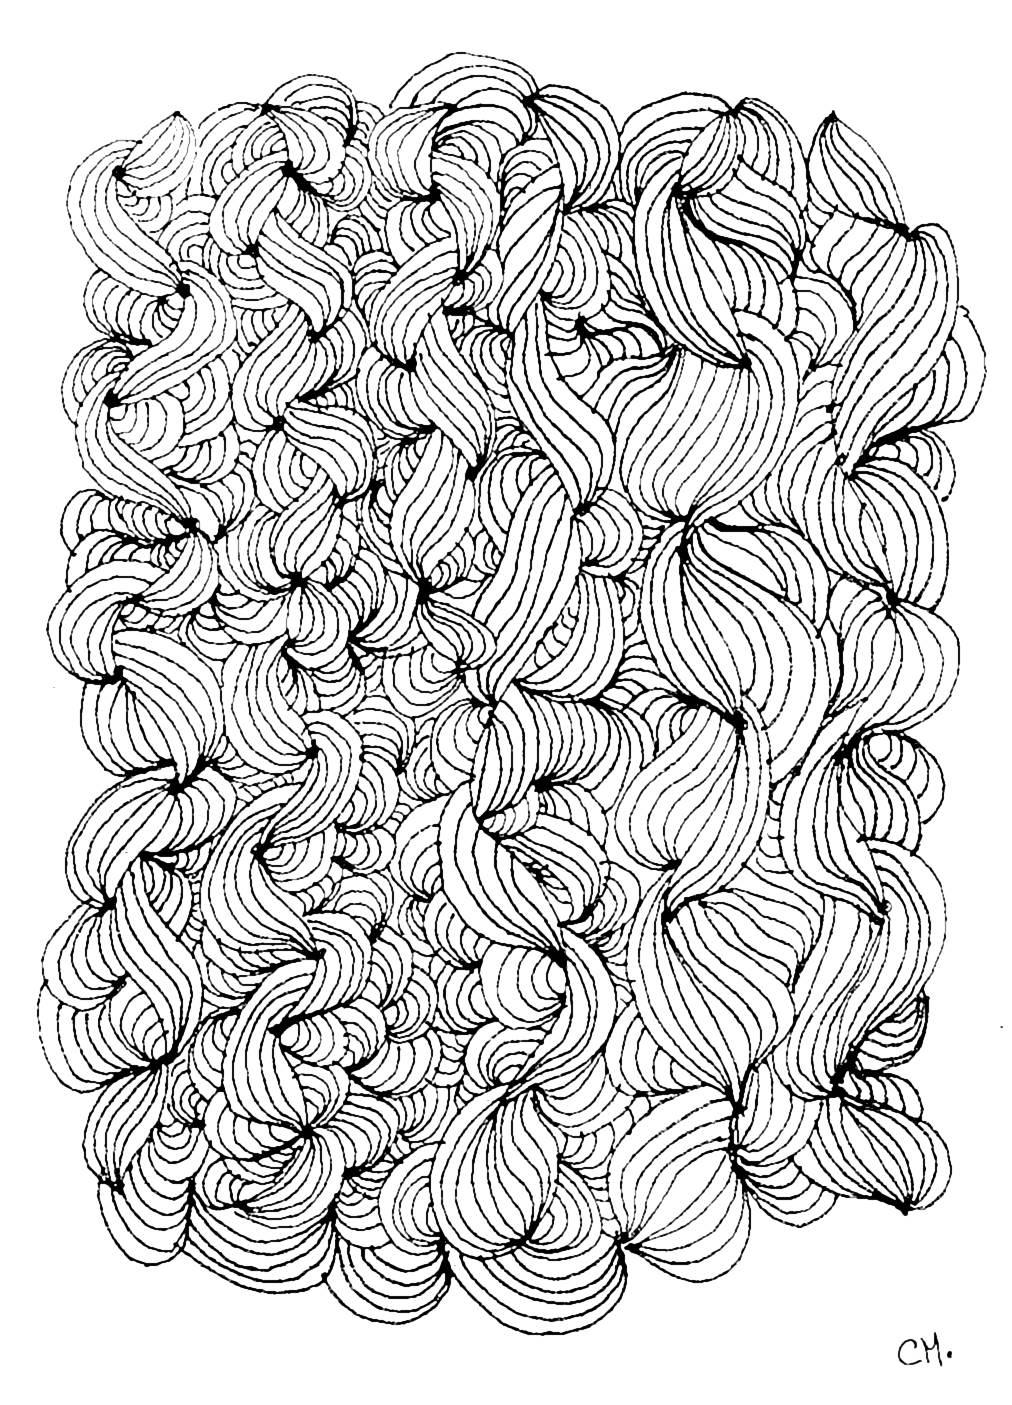 Disegni da colorare per adulti : Zentangle - 3